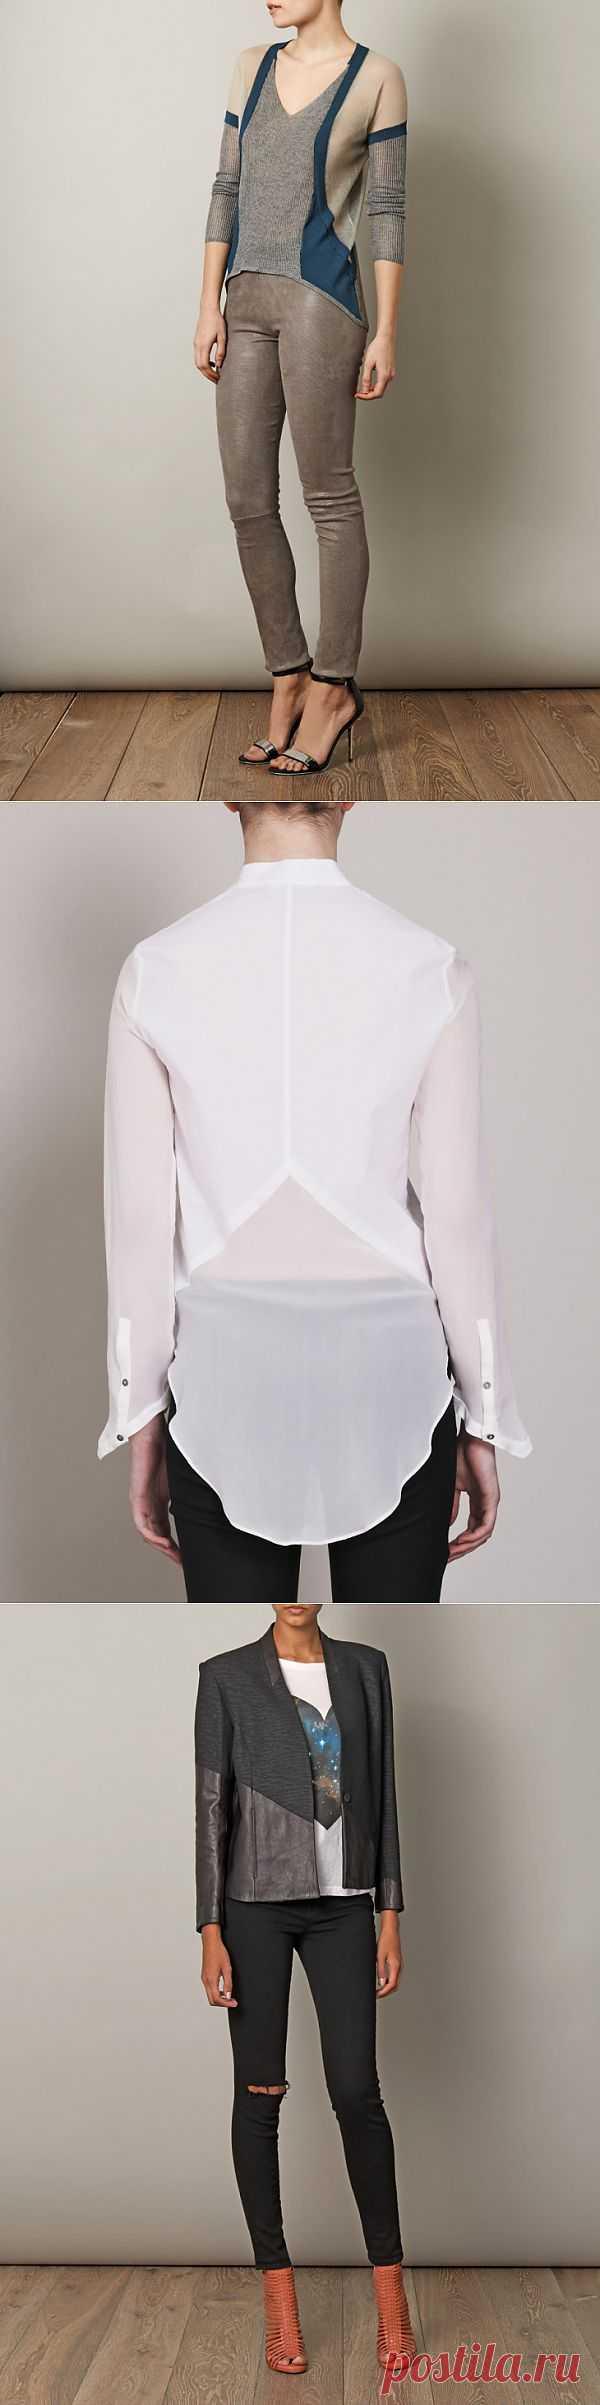 Helmut Lang в деталях (супер трафик!) / Дизайнеры / Модный сайт о стильной переделке одежды и интерьера